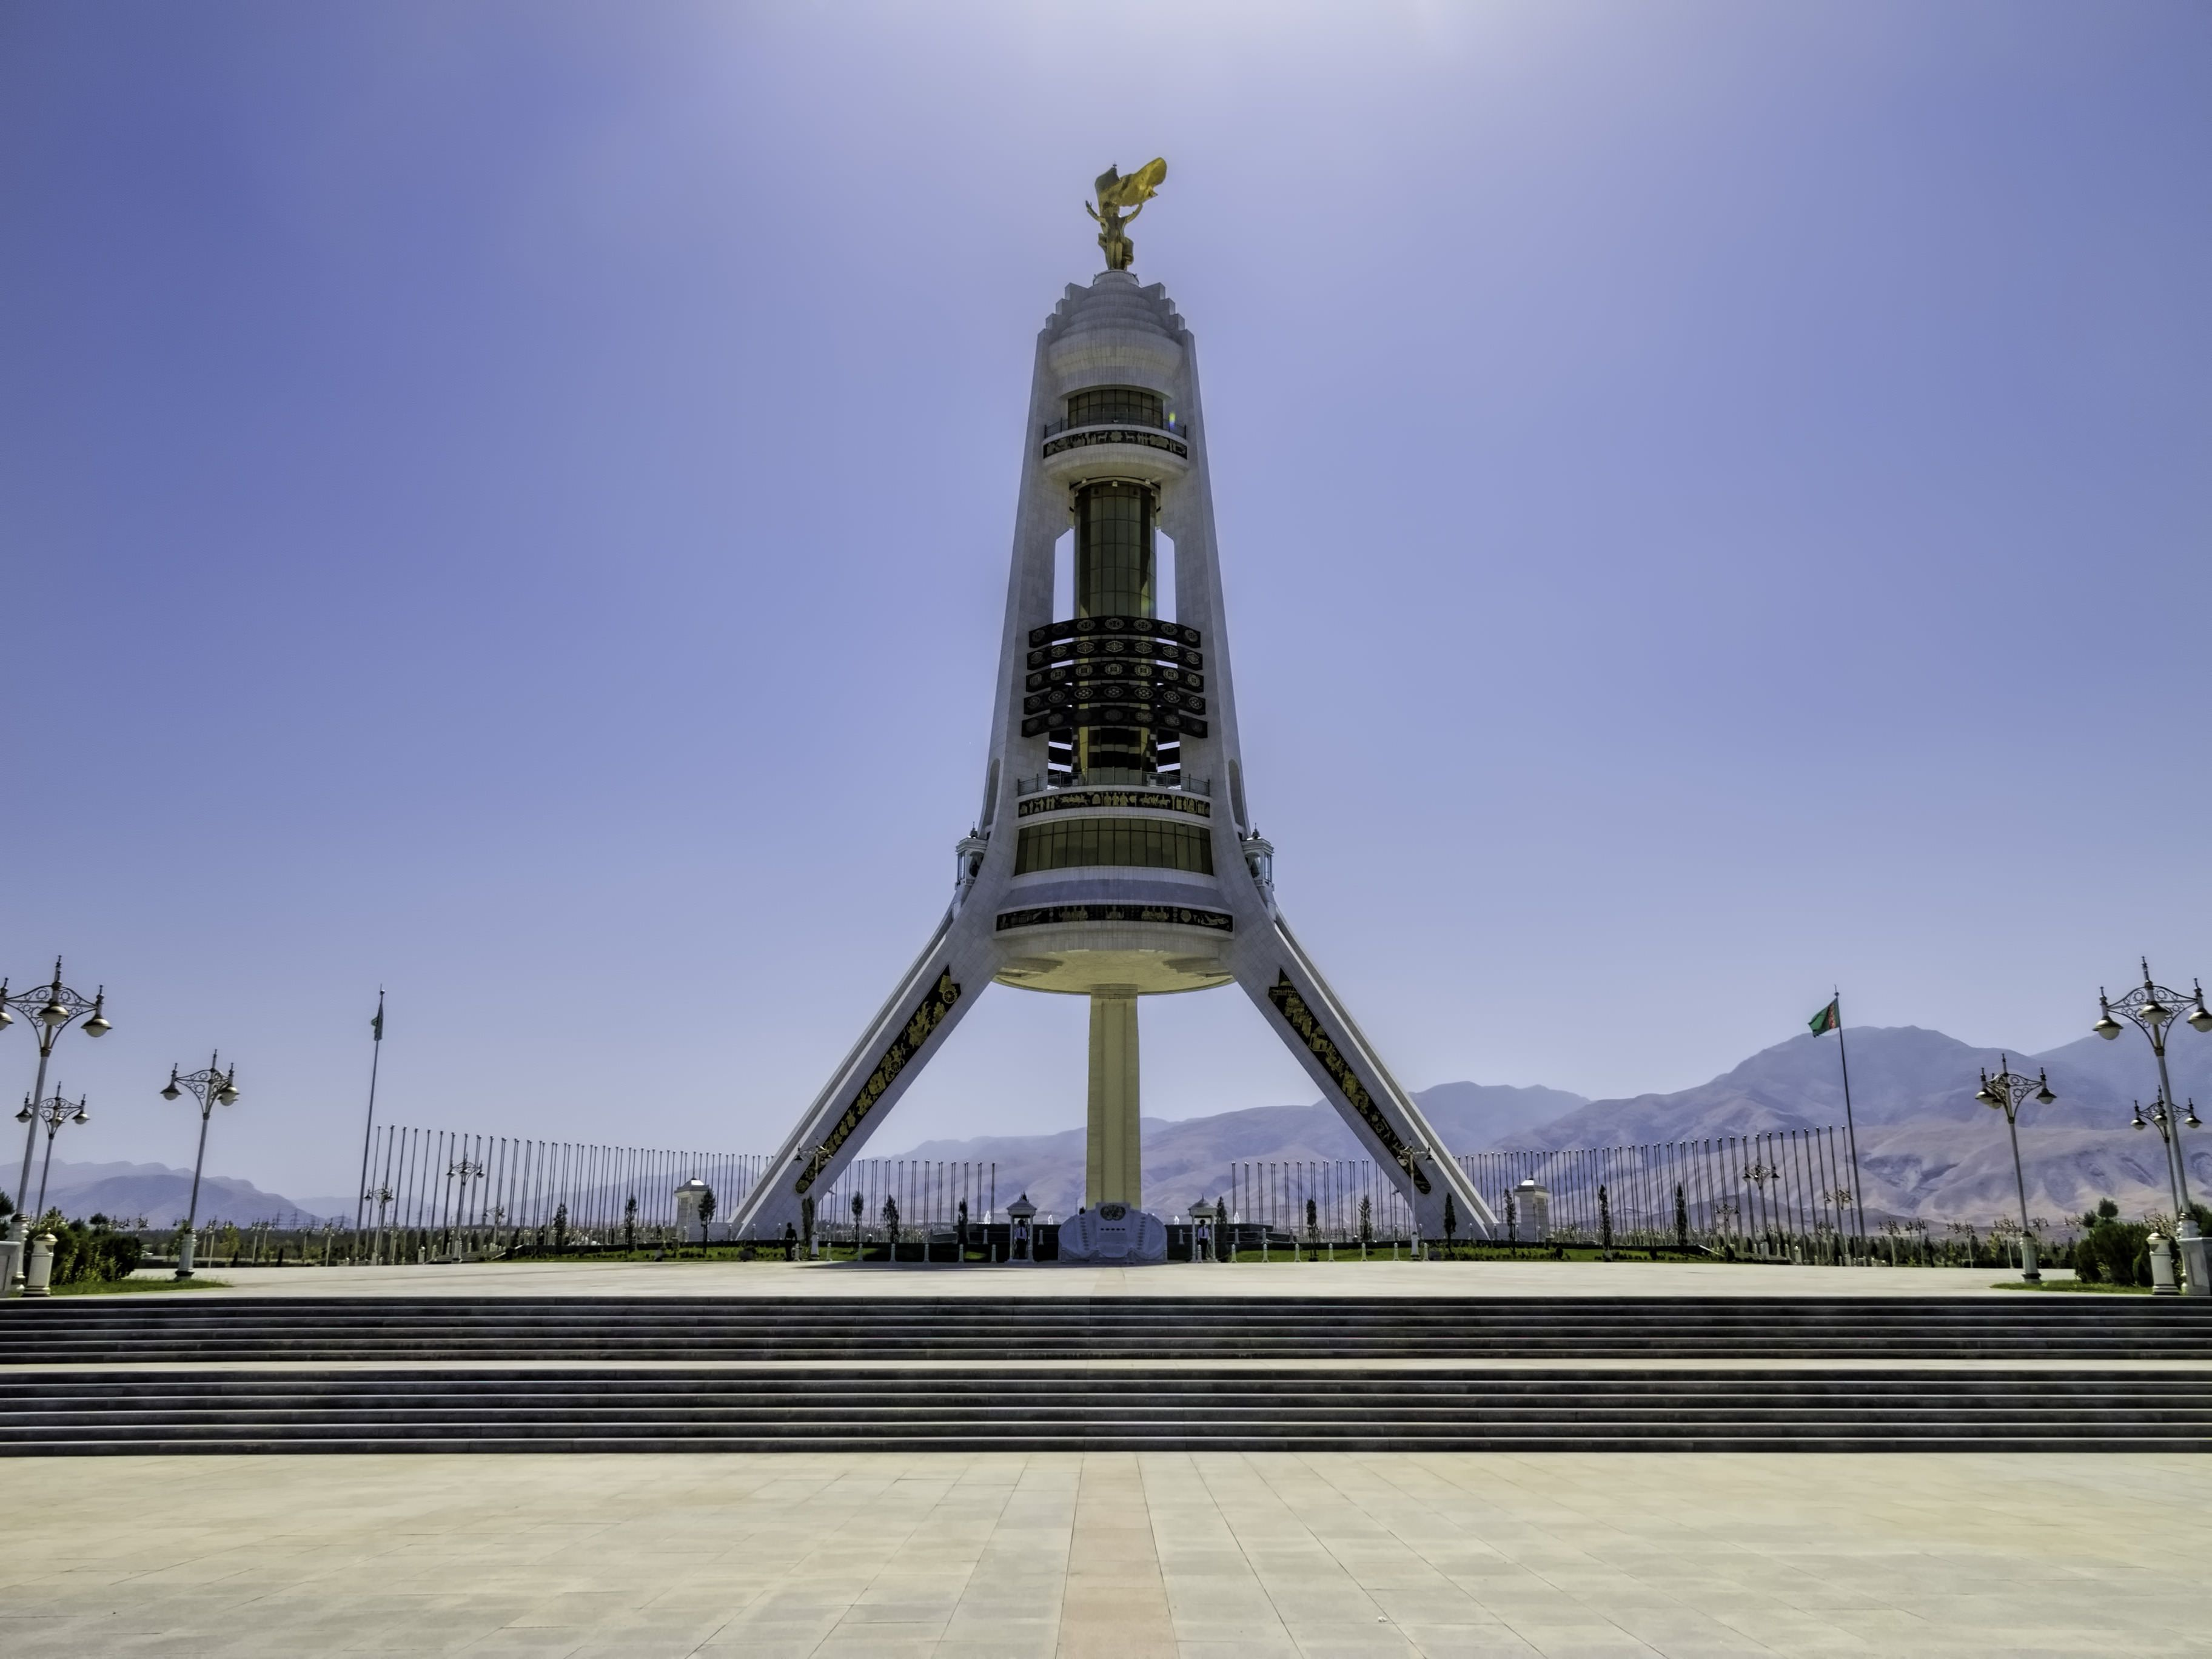 Monumento de la neutralidad #ashgabat #tuskmenistan #asia #travel #tourism #takemysecrets